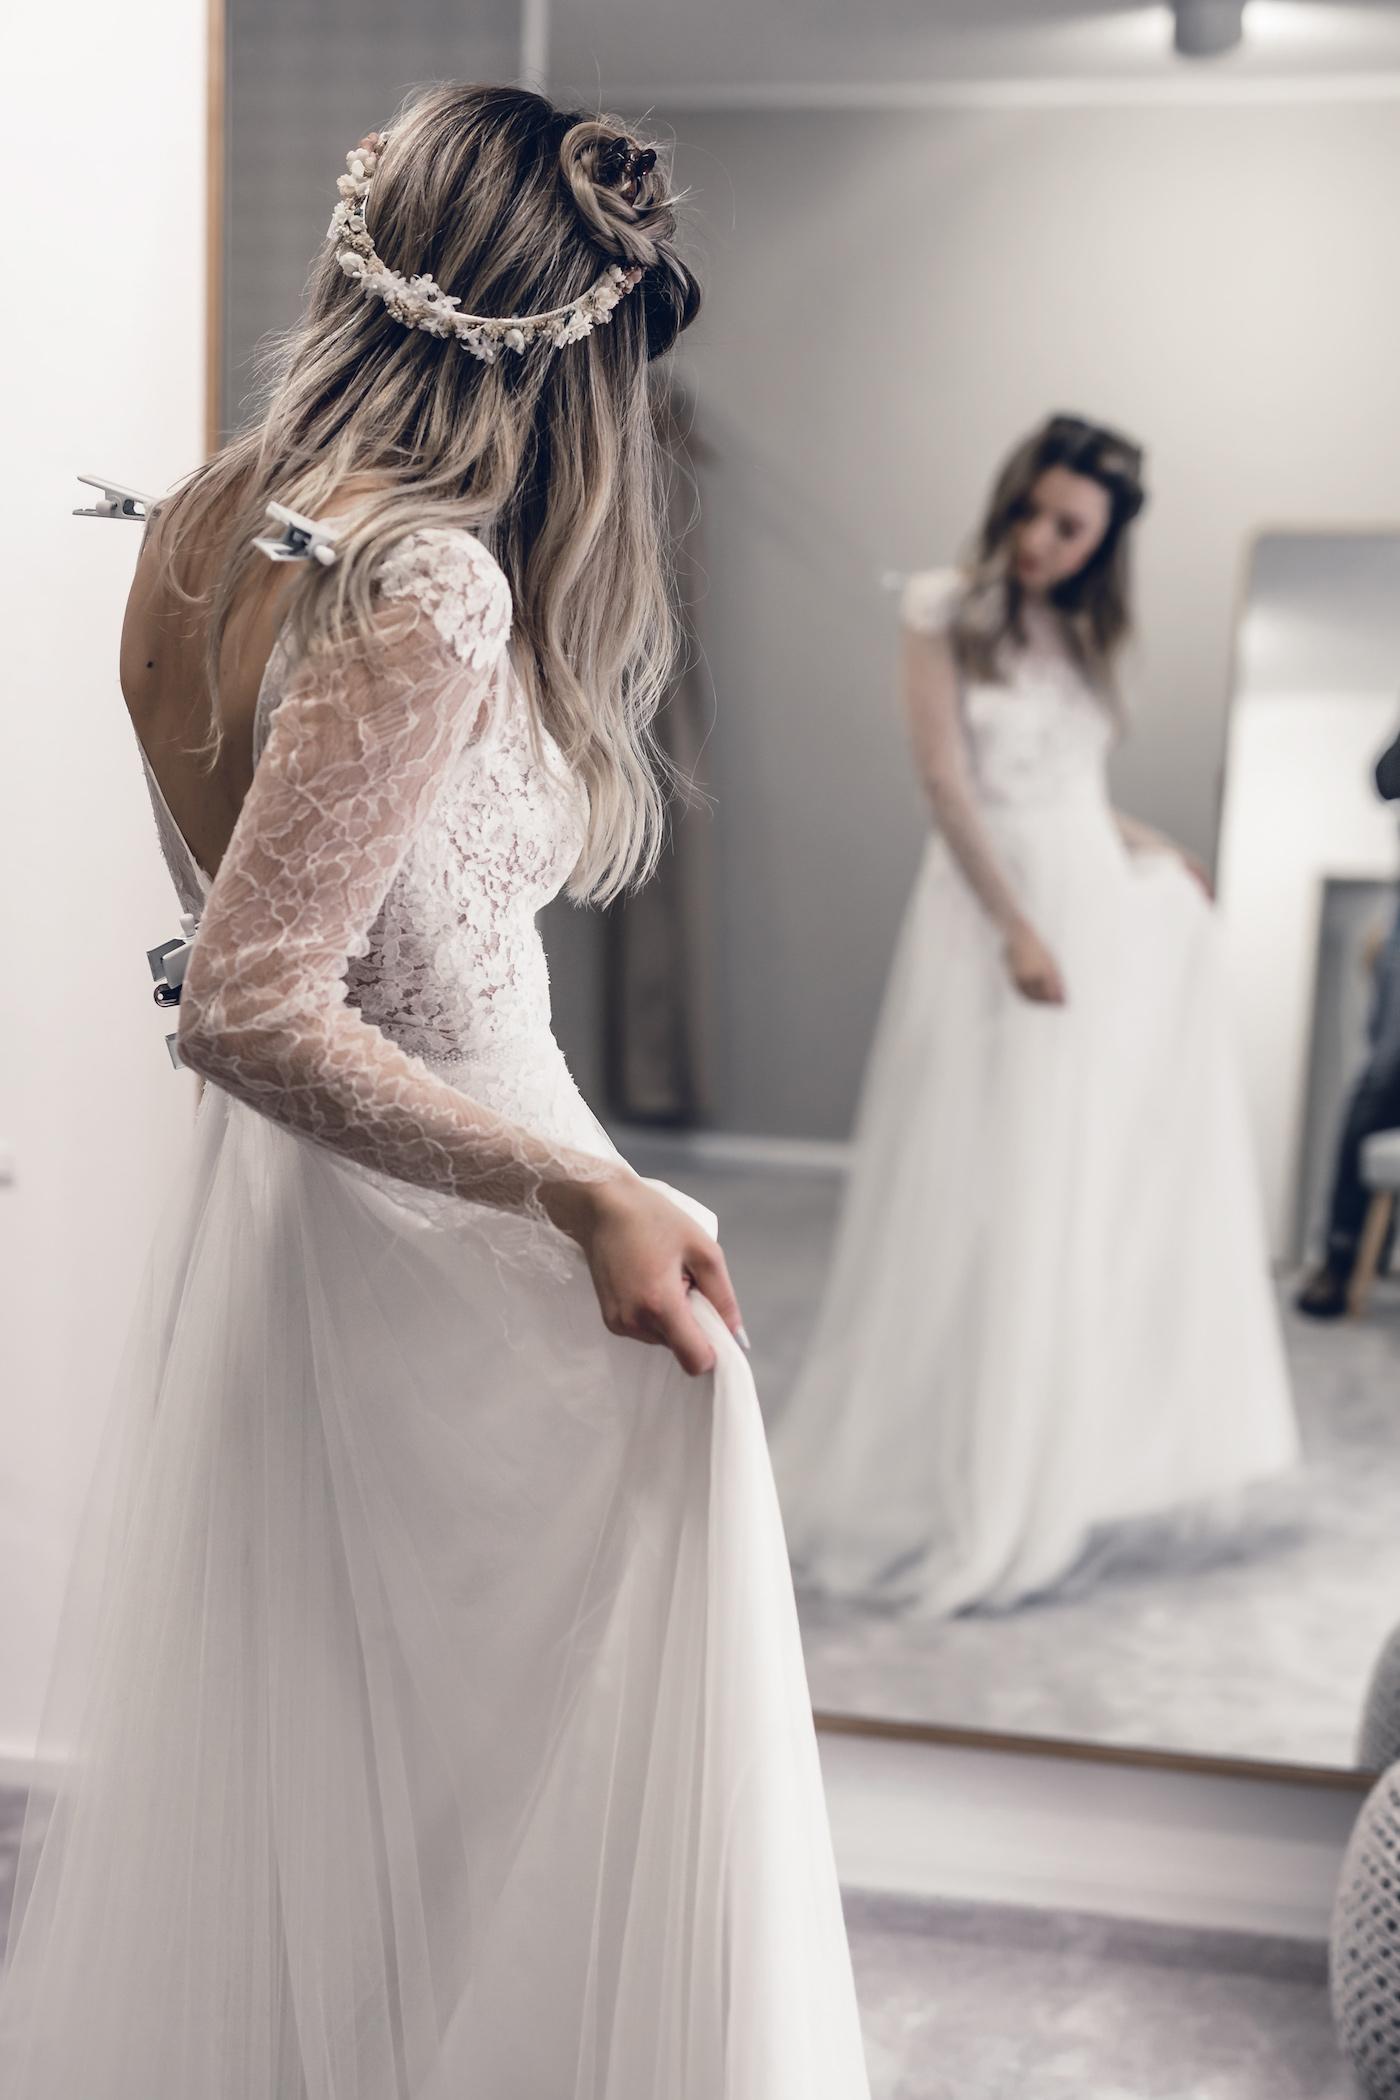 Schön Brautkleider Banbury Fotos - Hochzeitskleid Für Braut Ideen ...